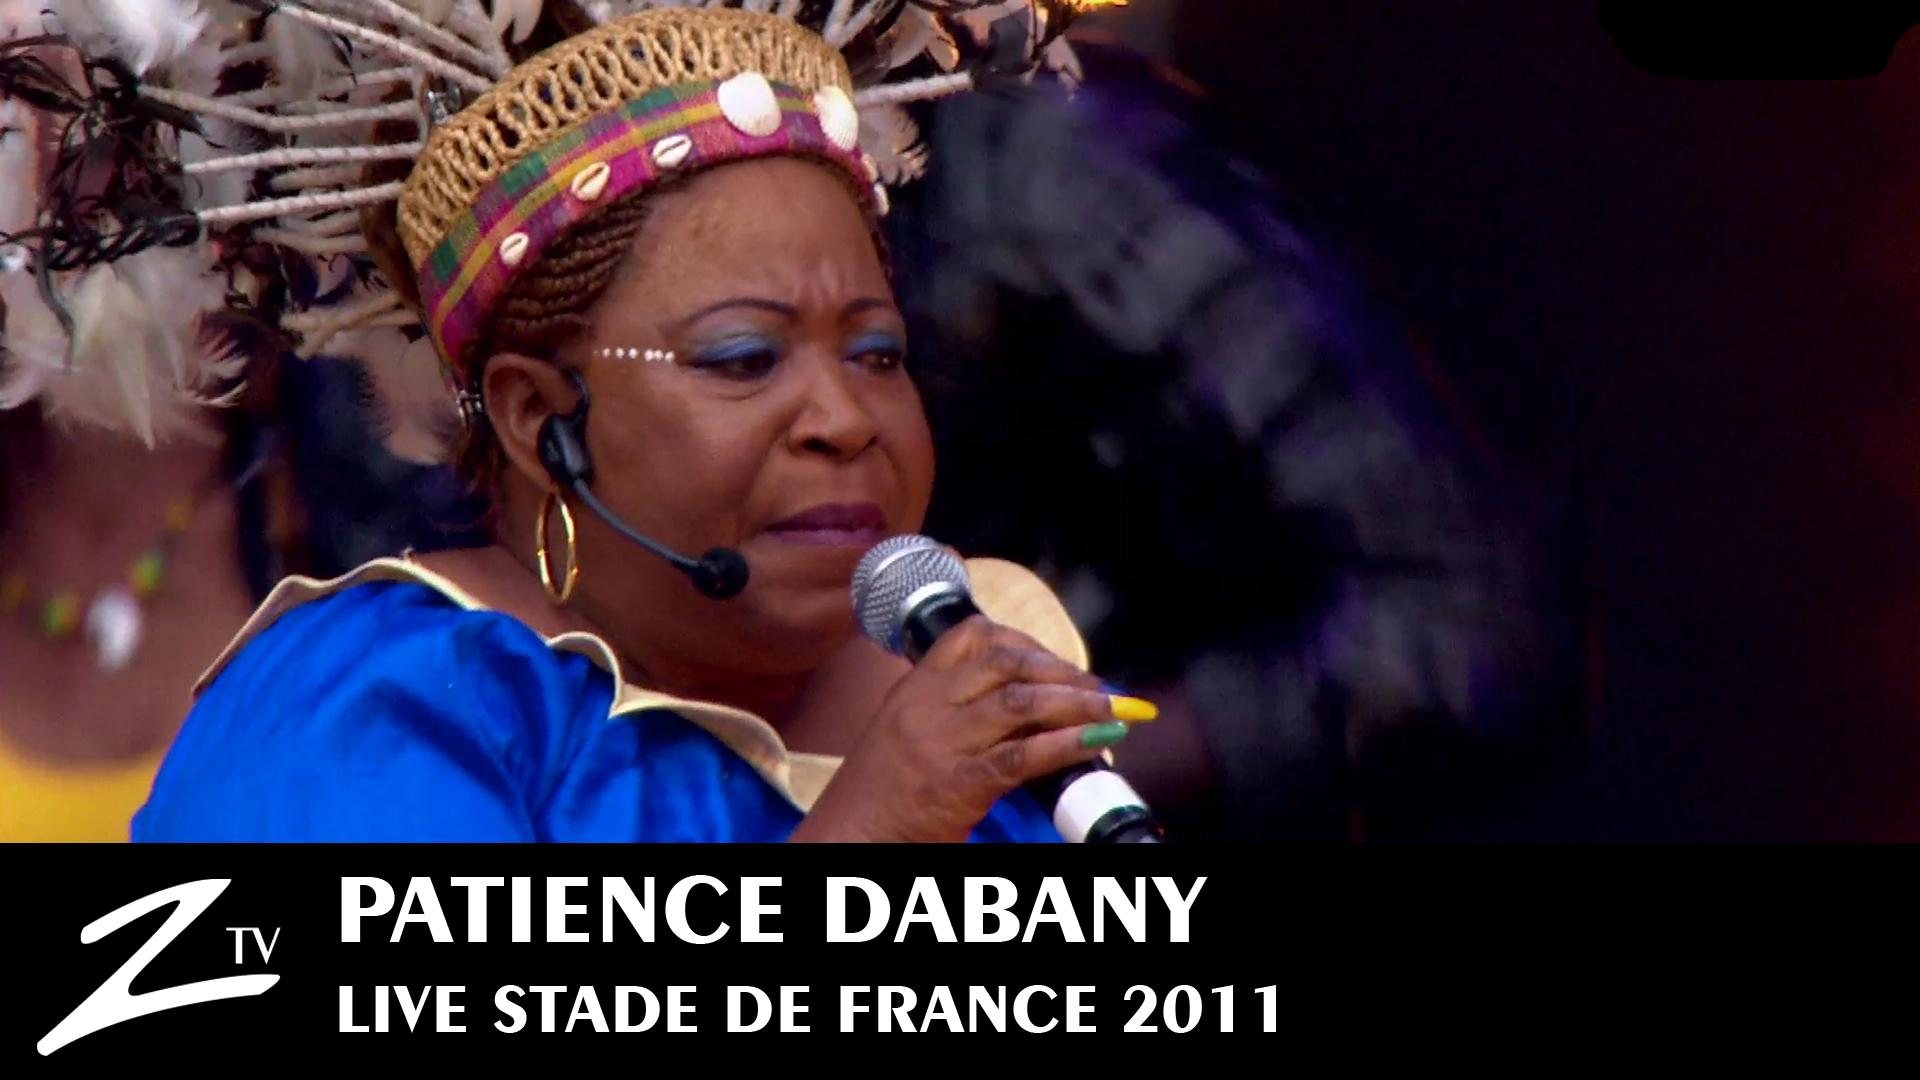 Patience Dabany